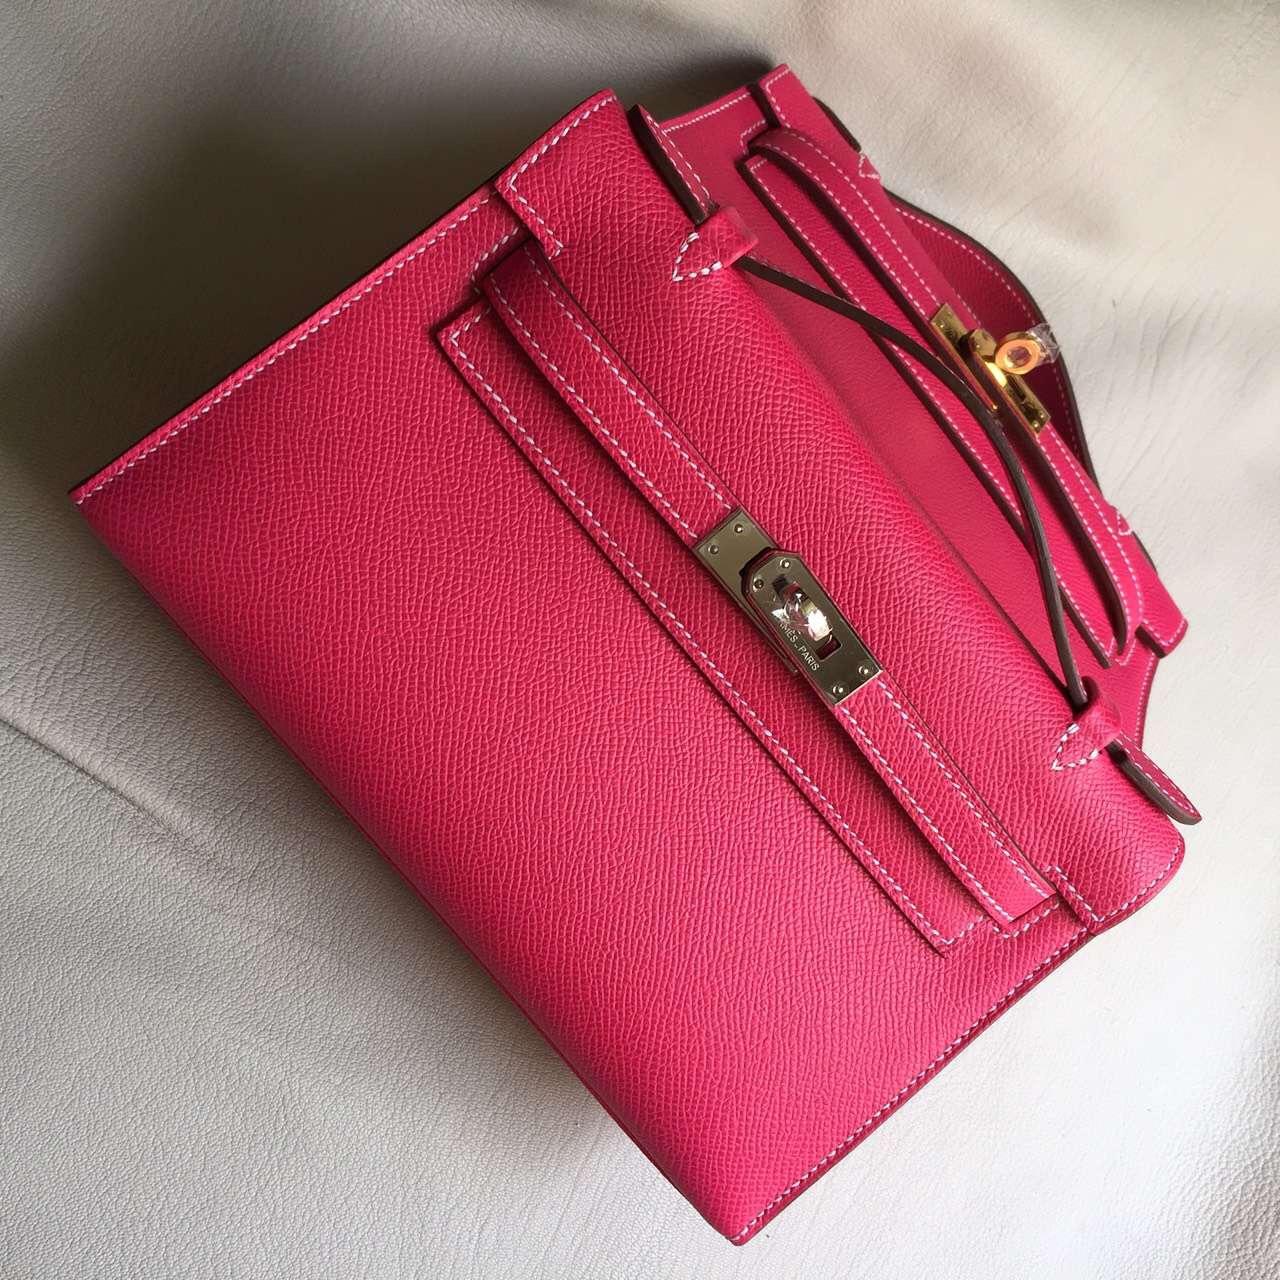 Sale Hermes Epsom Calfskin Leather Mini Kelly Bag22cm in E5 Rose Tyrien